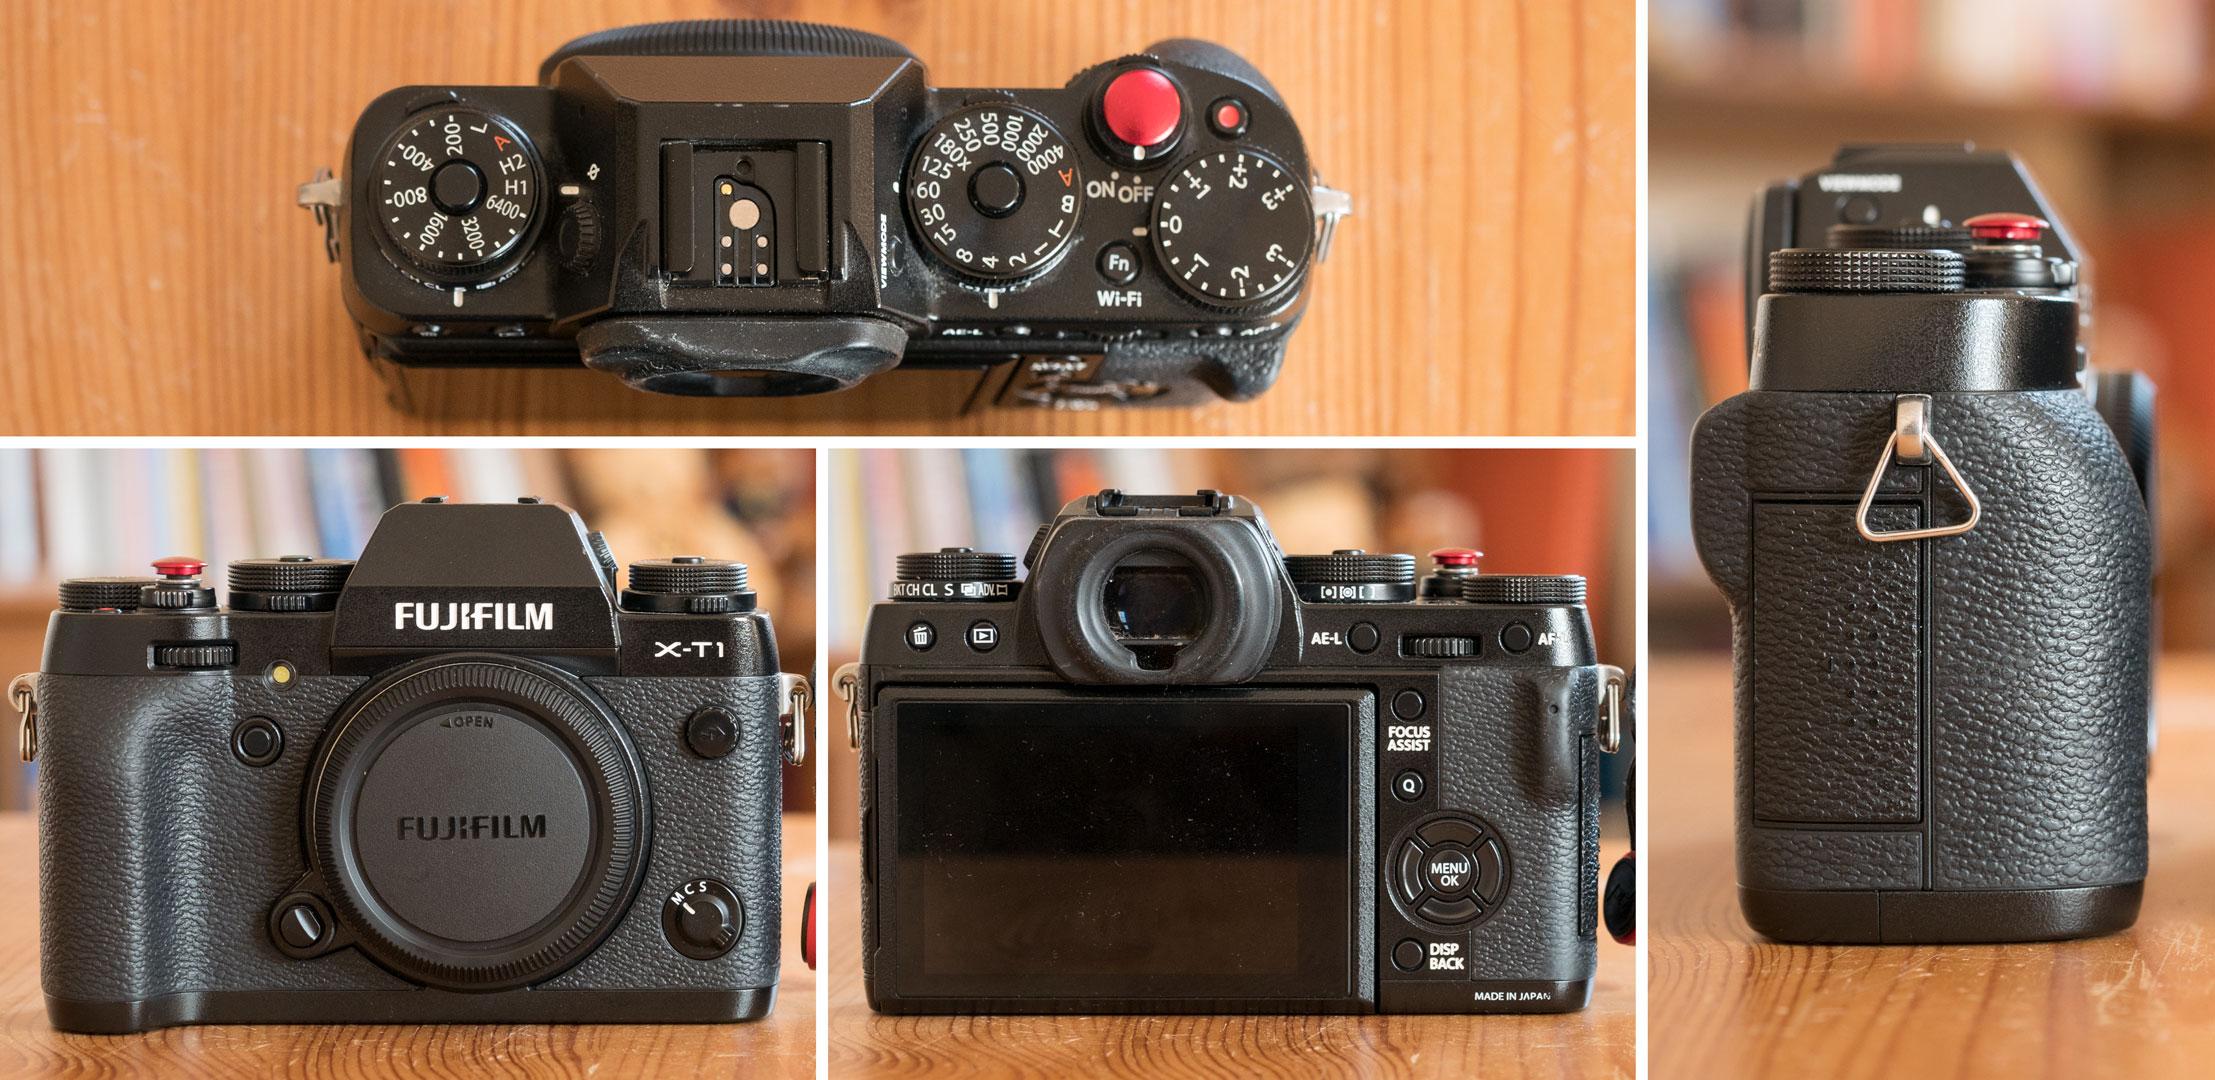 Fujifilm Xt1 Vs Xt20